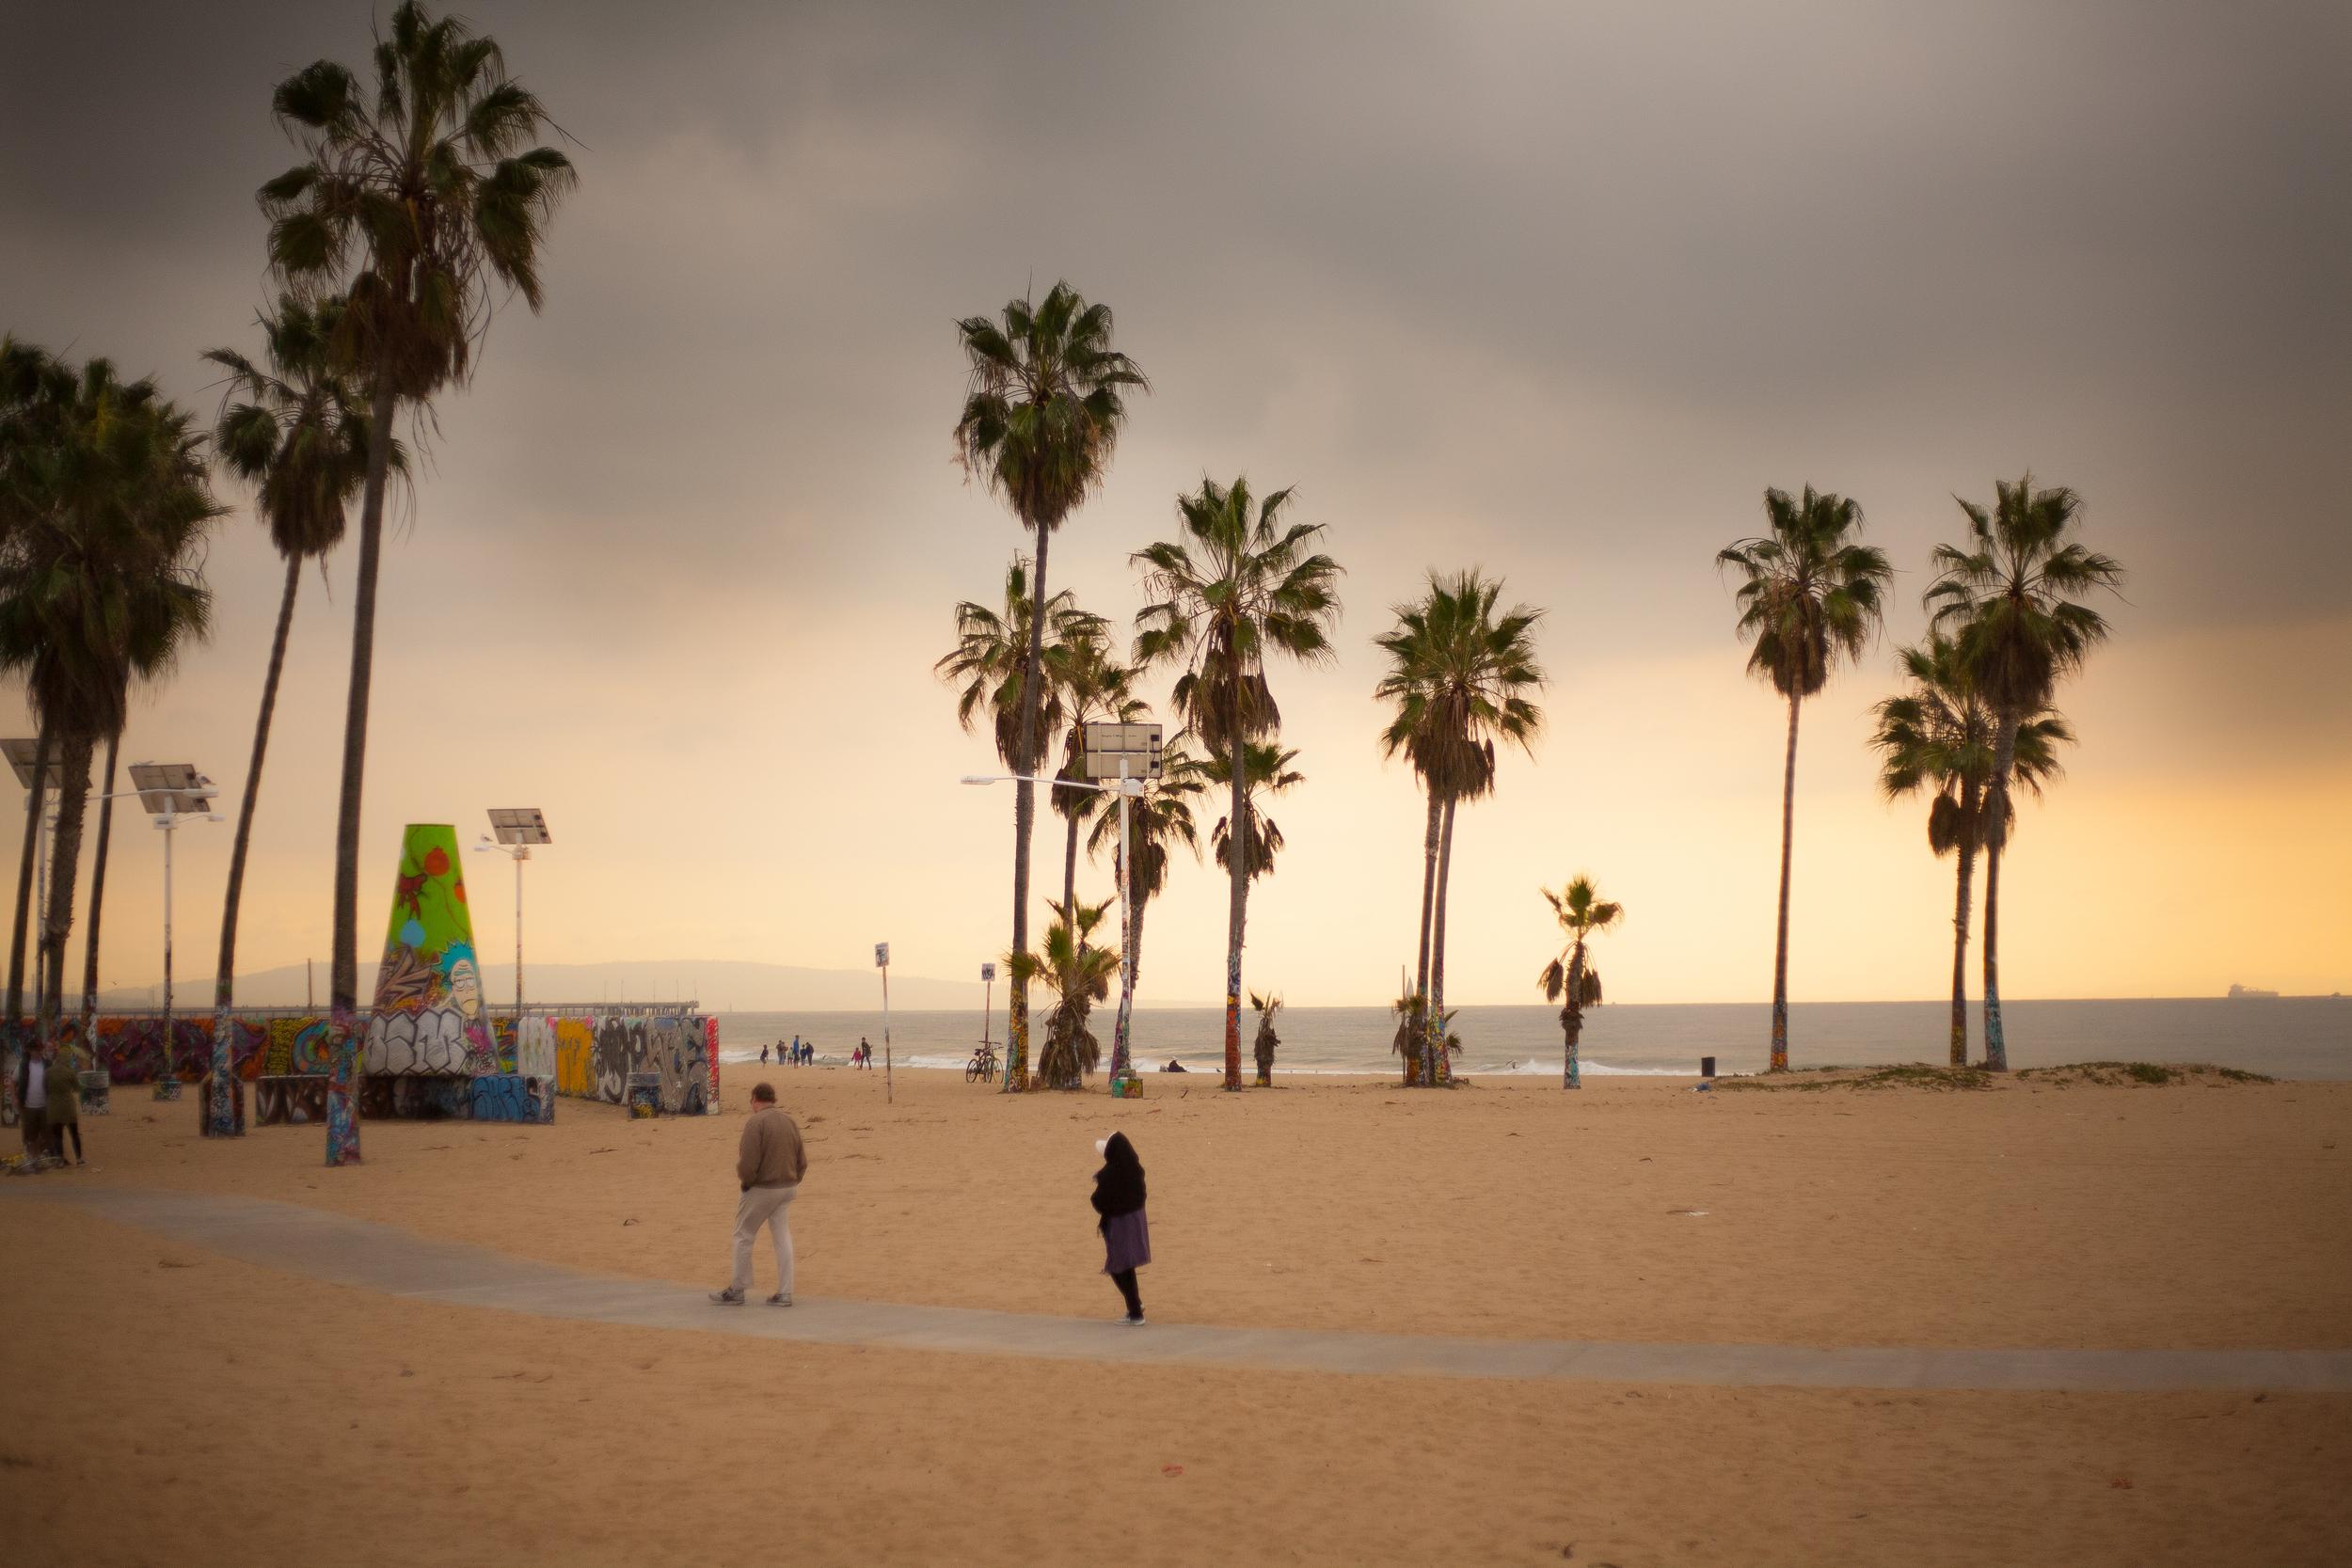 LA-7541.jpg